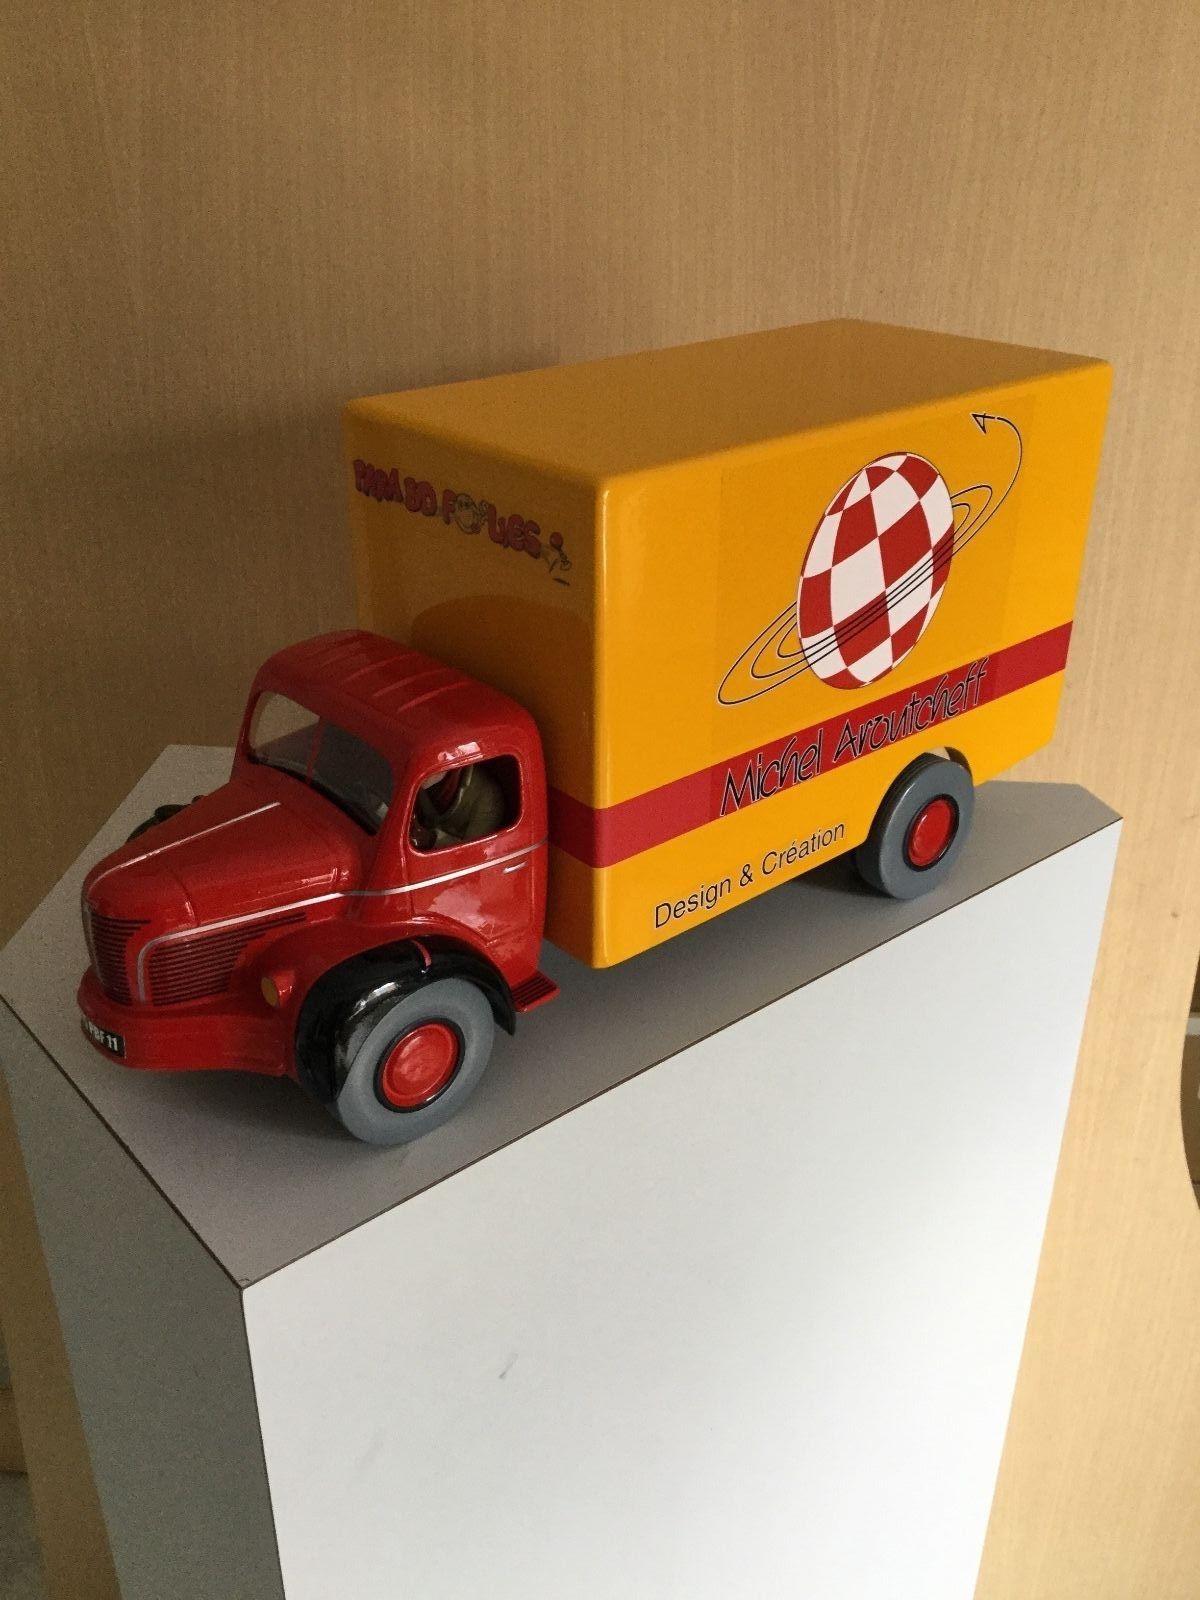 Le camion vroup  special par Aroutcheff N0 Leblon fariboles tintin Kuifje